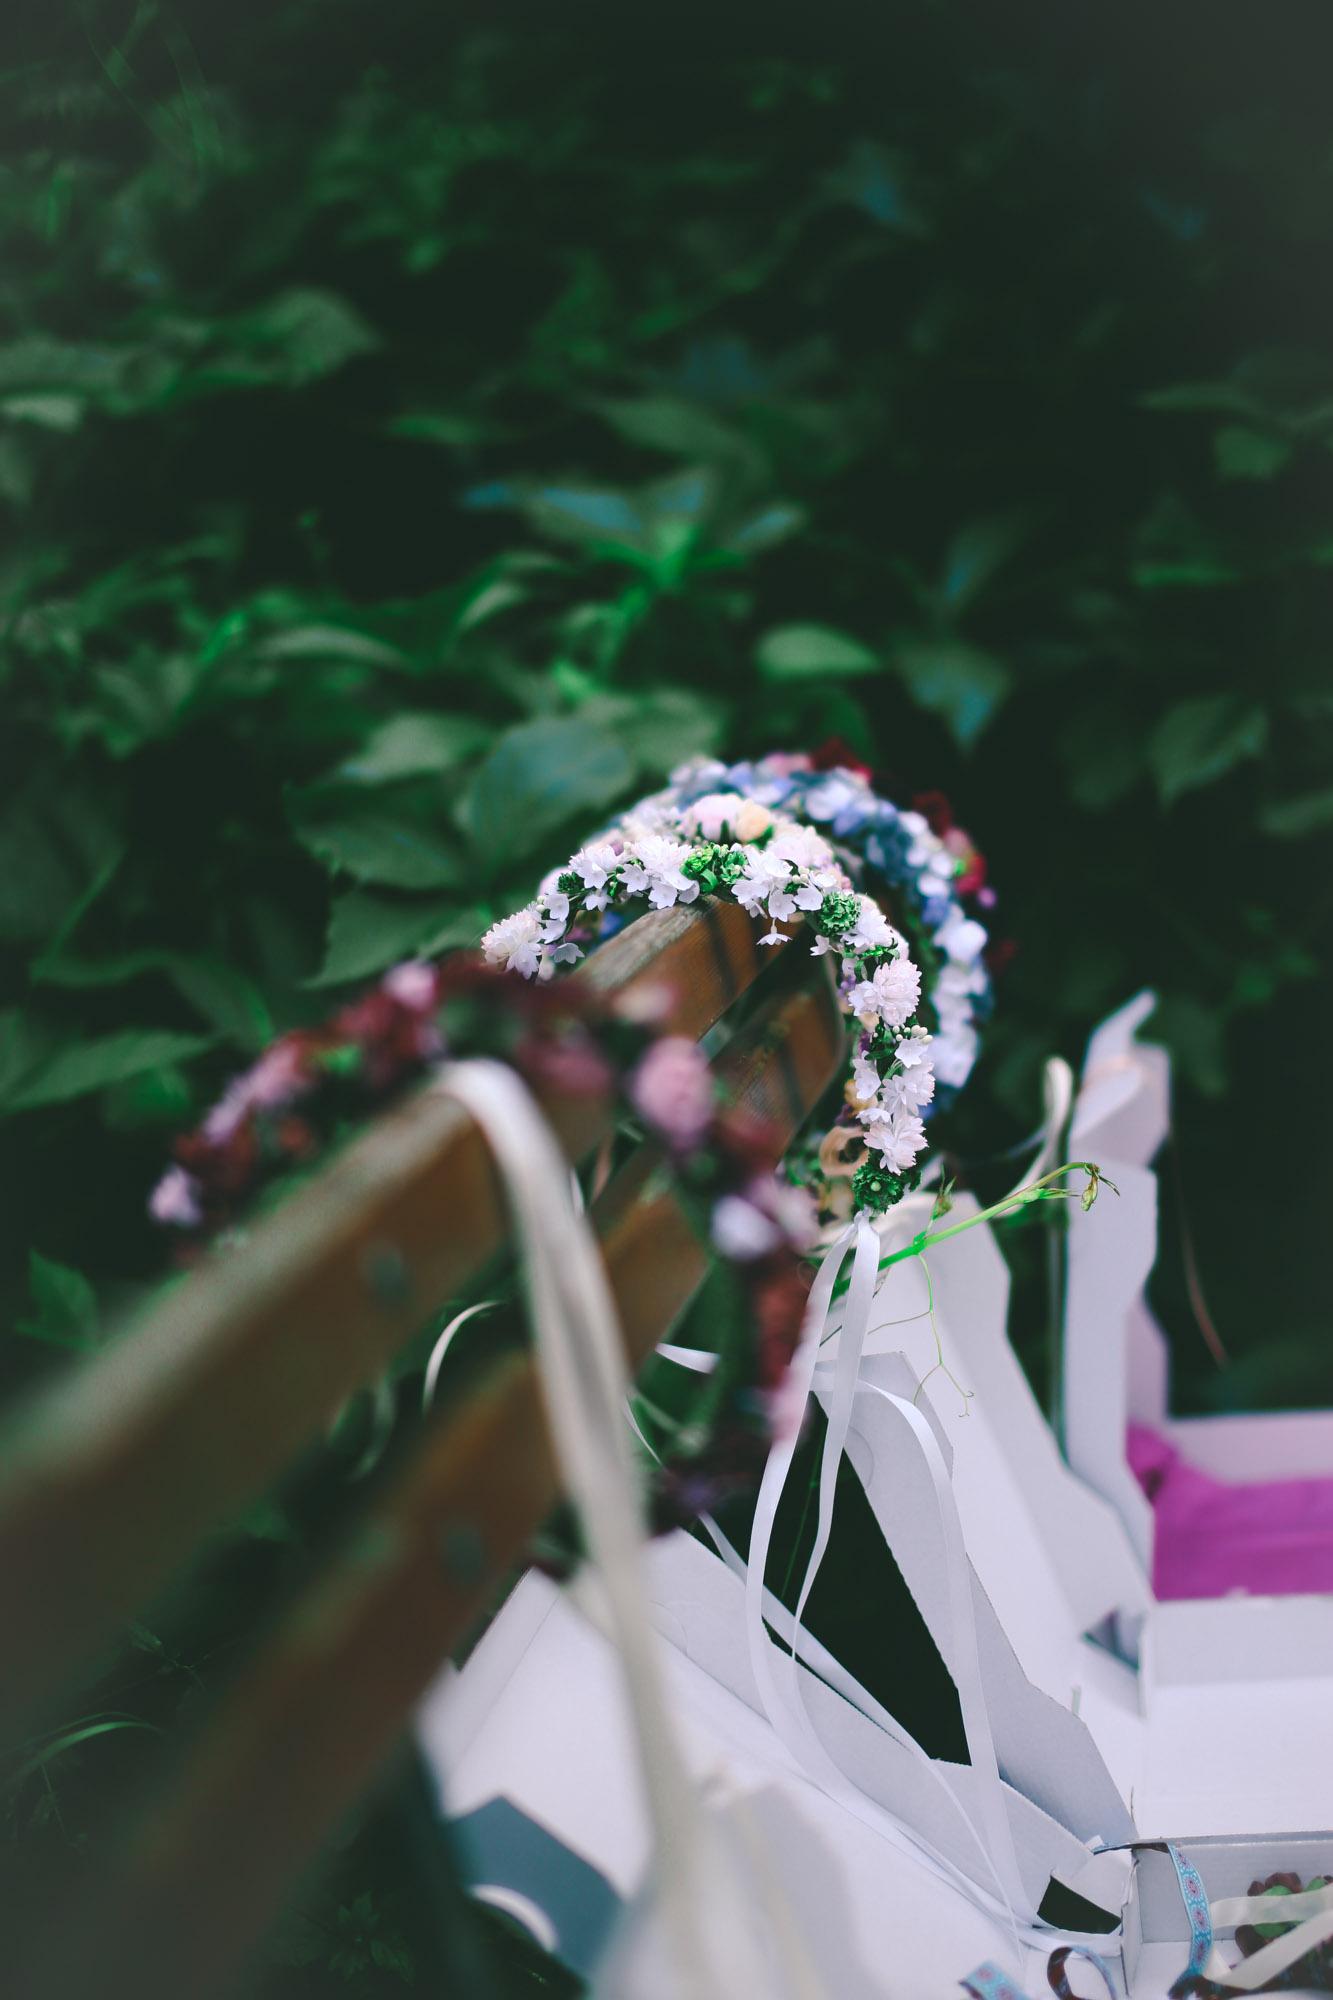 ADA16_Lookbook_We_are_flowergirls_blumenkranz_trachten_flowercrown_(15_von_40)_WEB.jpg